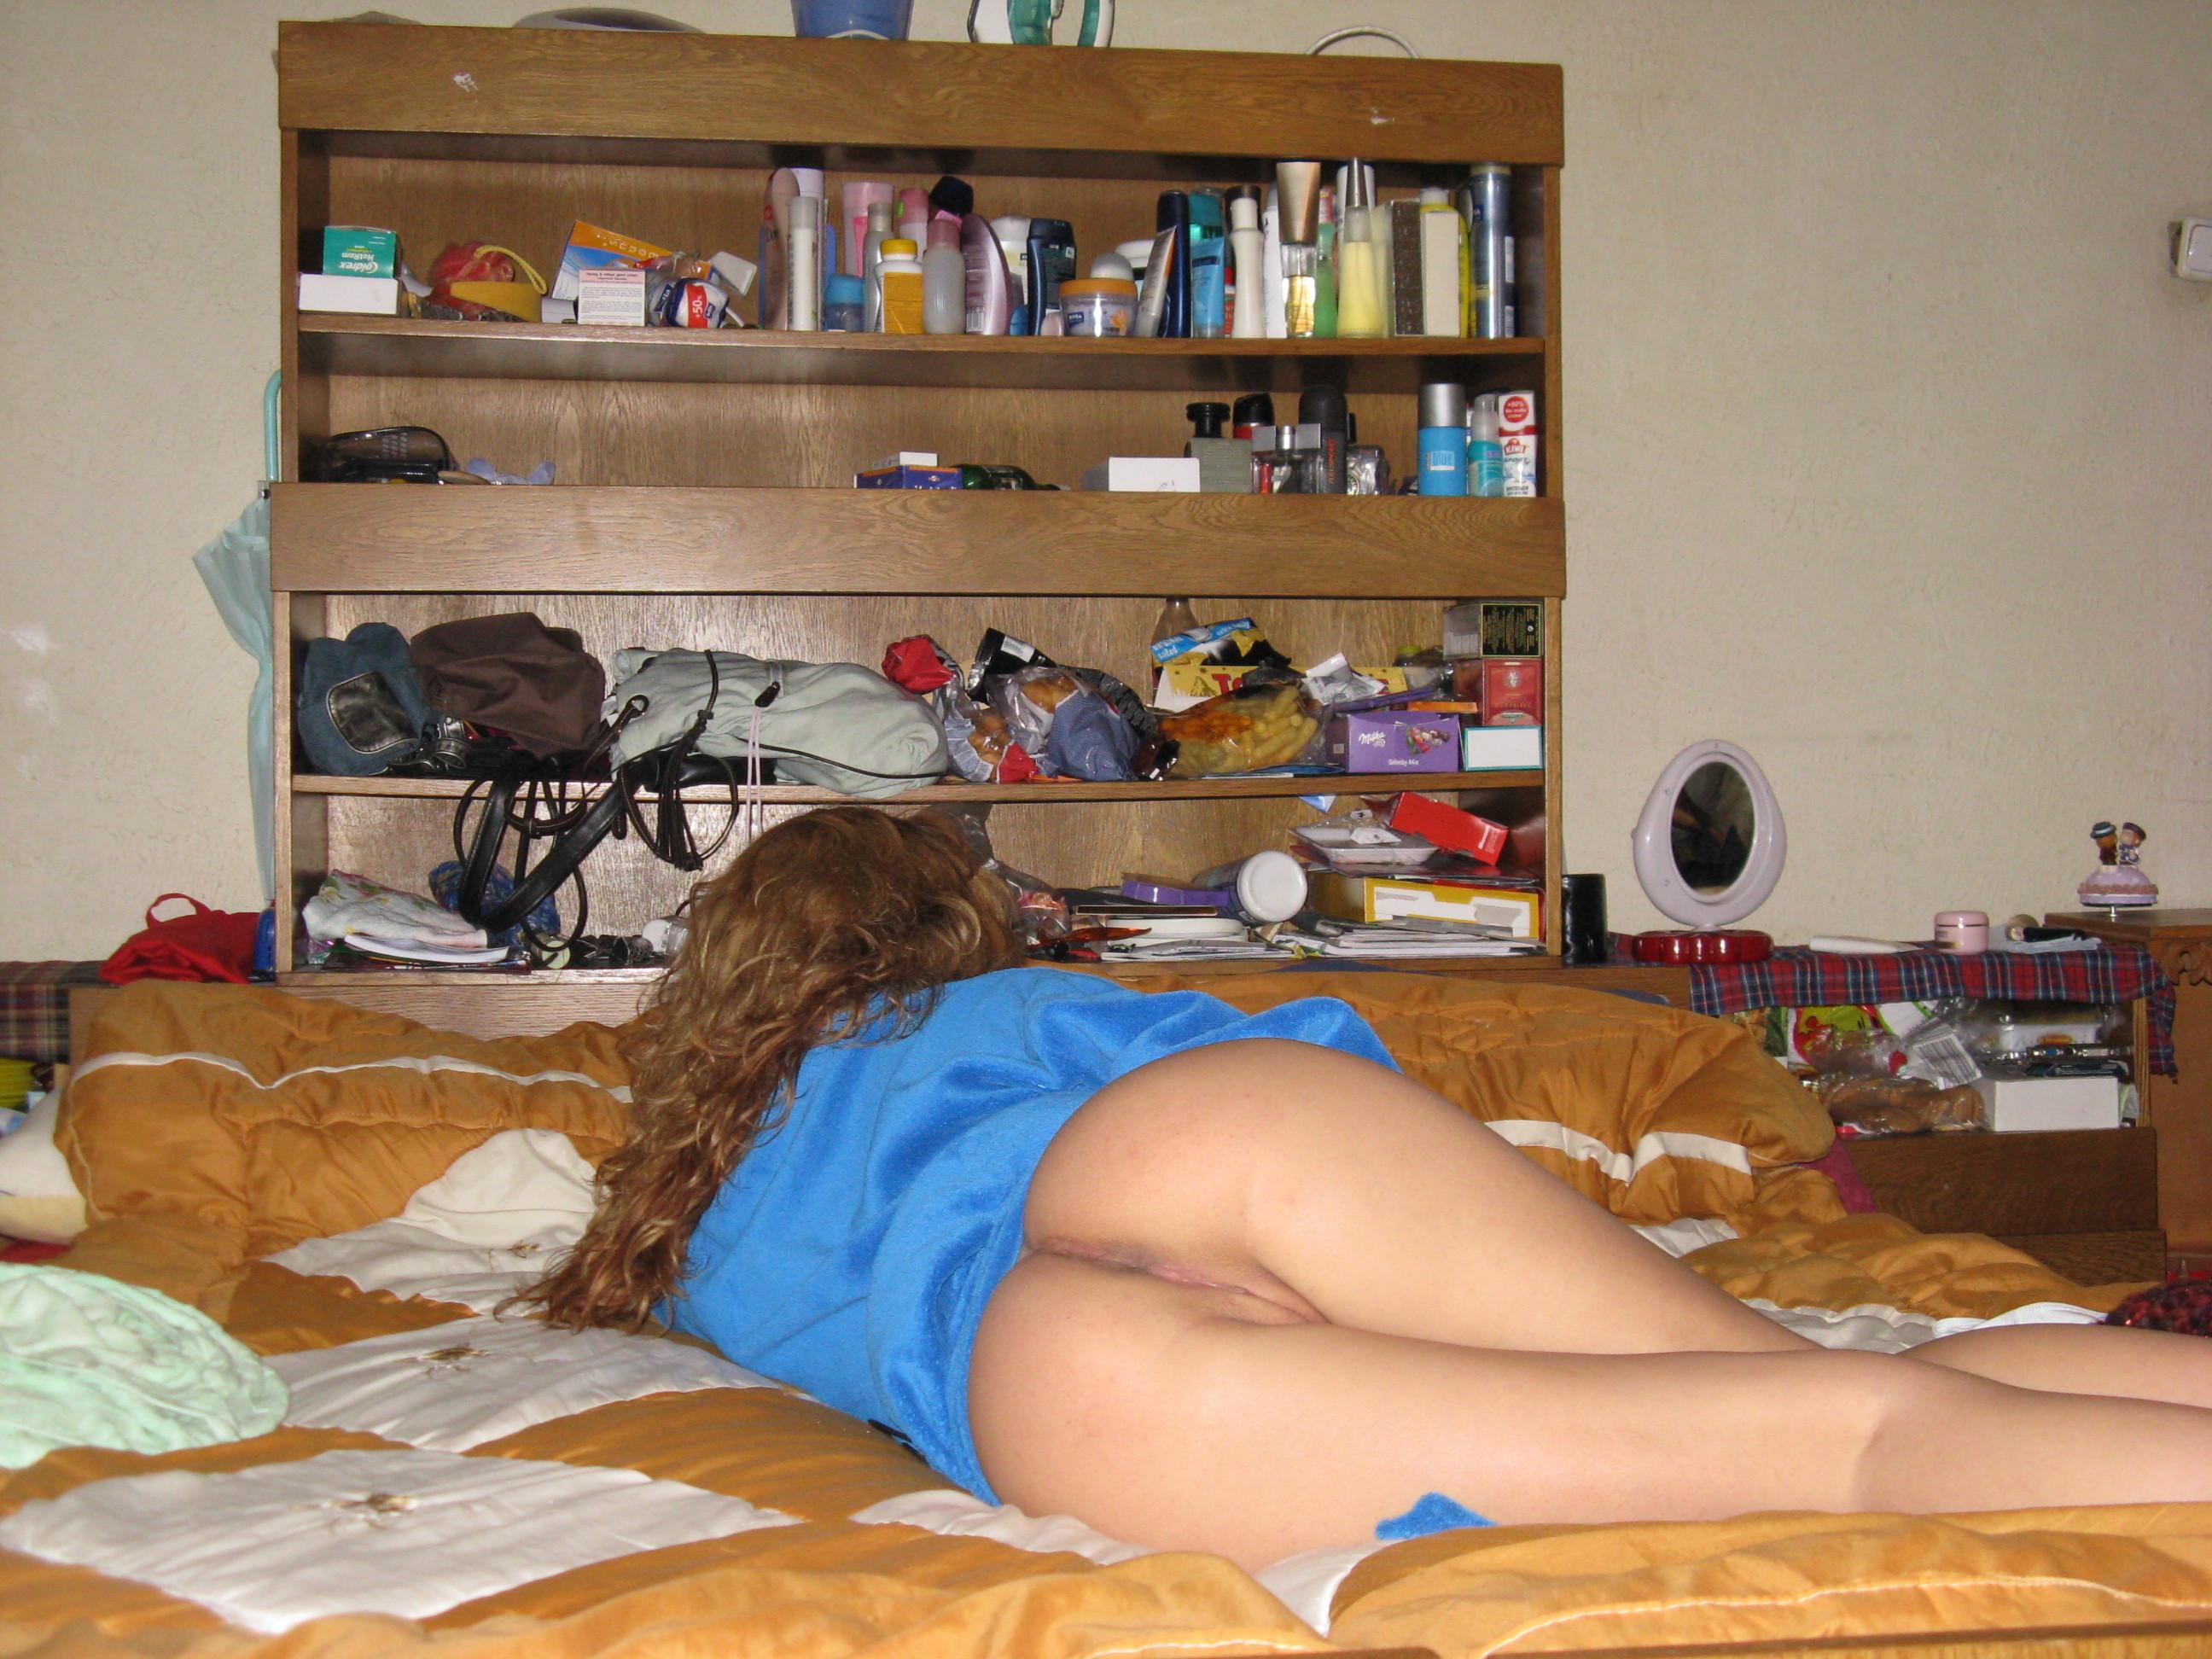 Эро фото в общаге, Голые девушки в общежитии (25 фото) Голые девушки 10 фотография